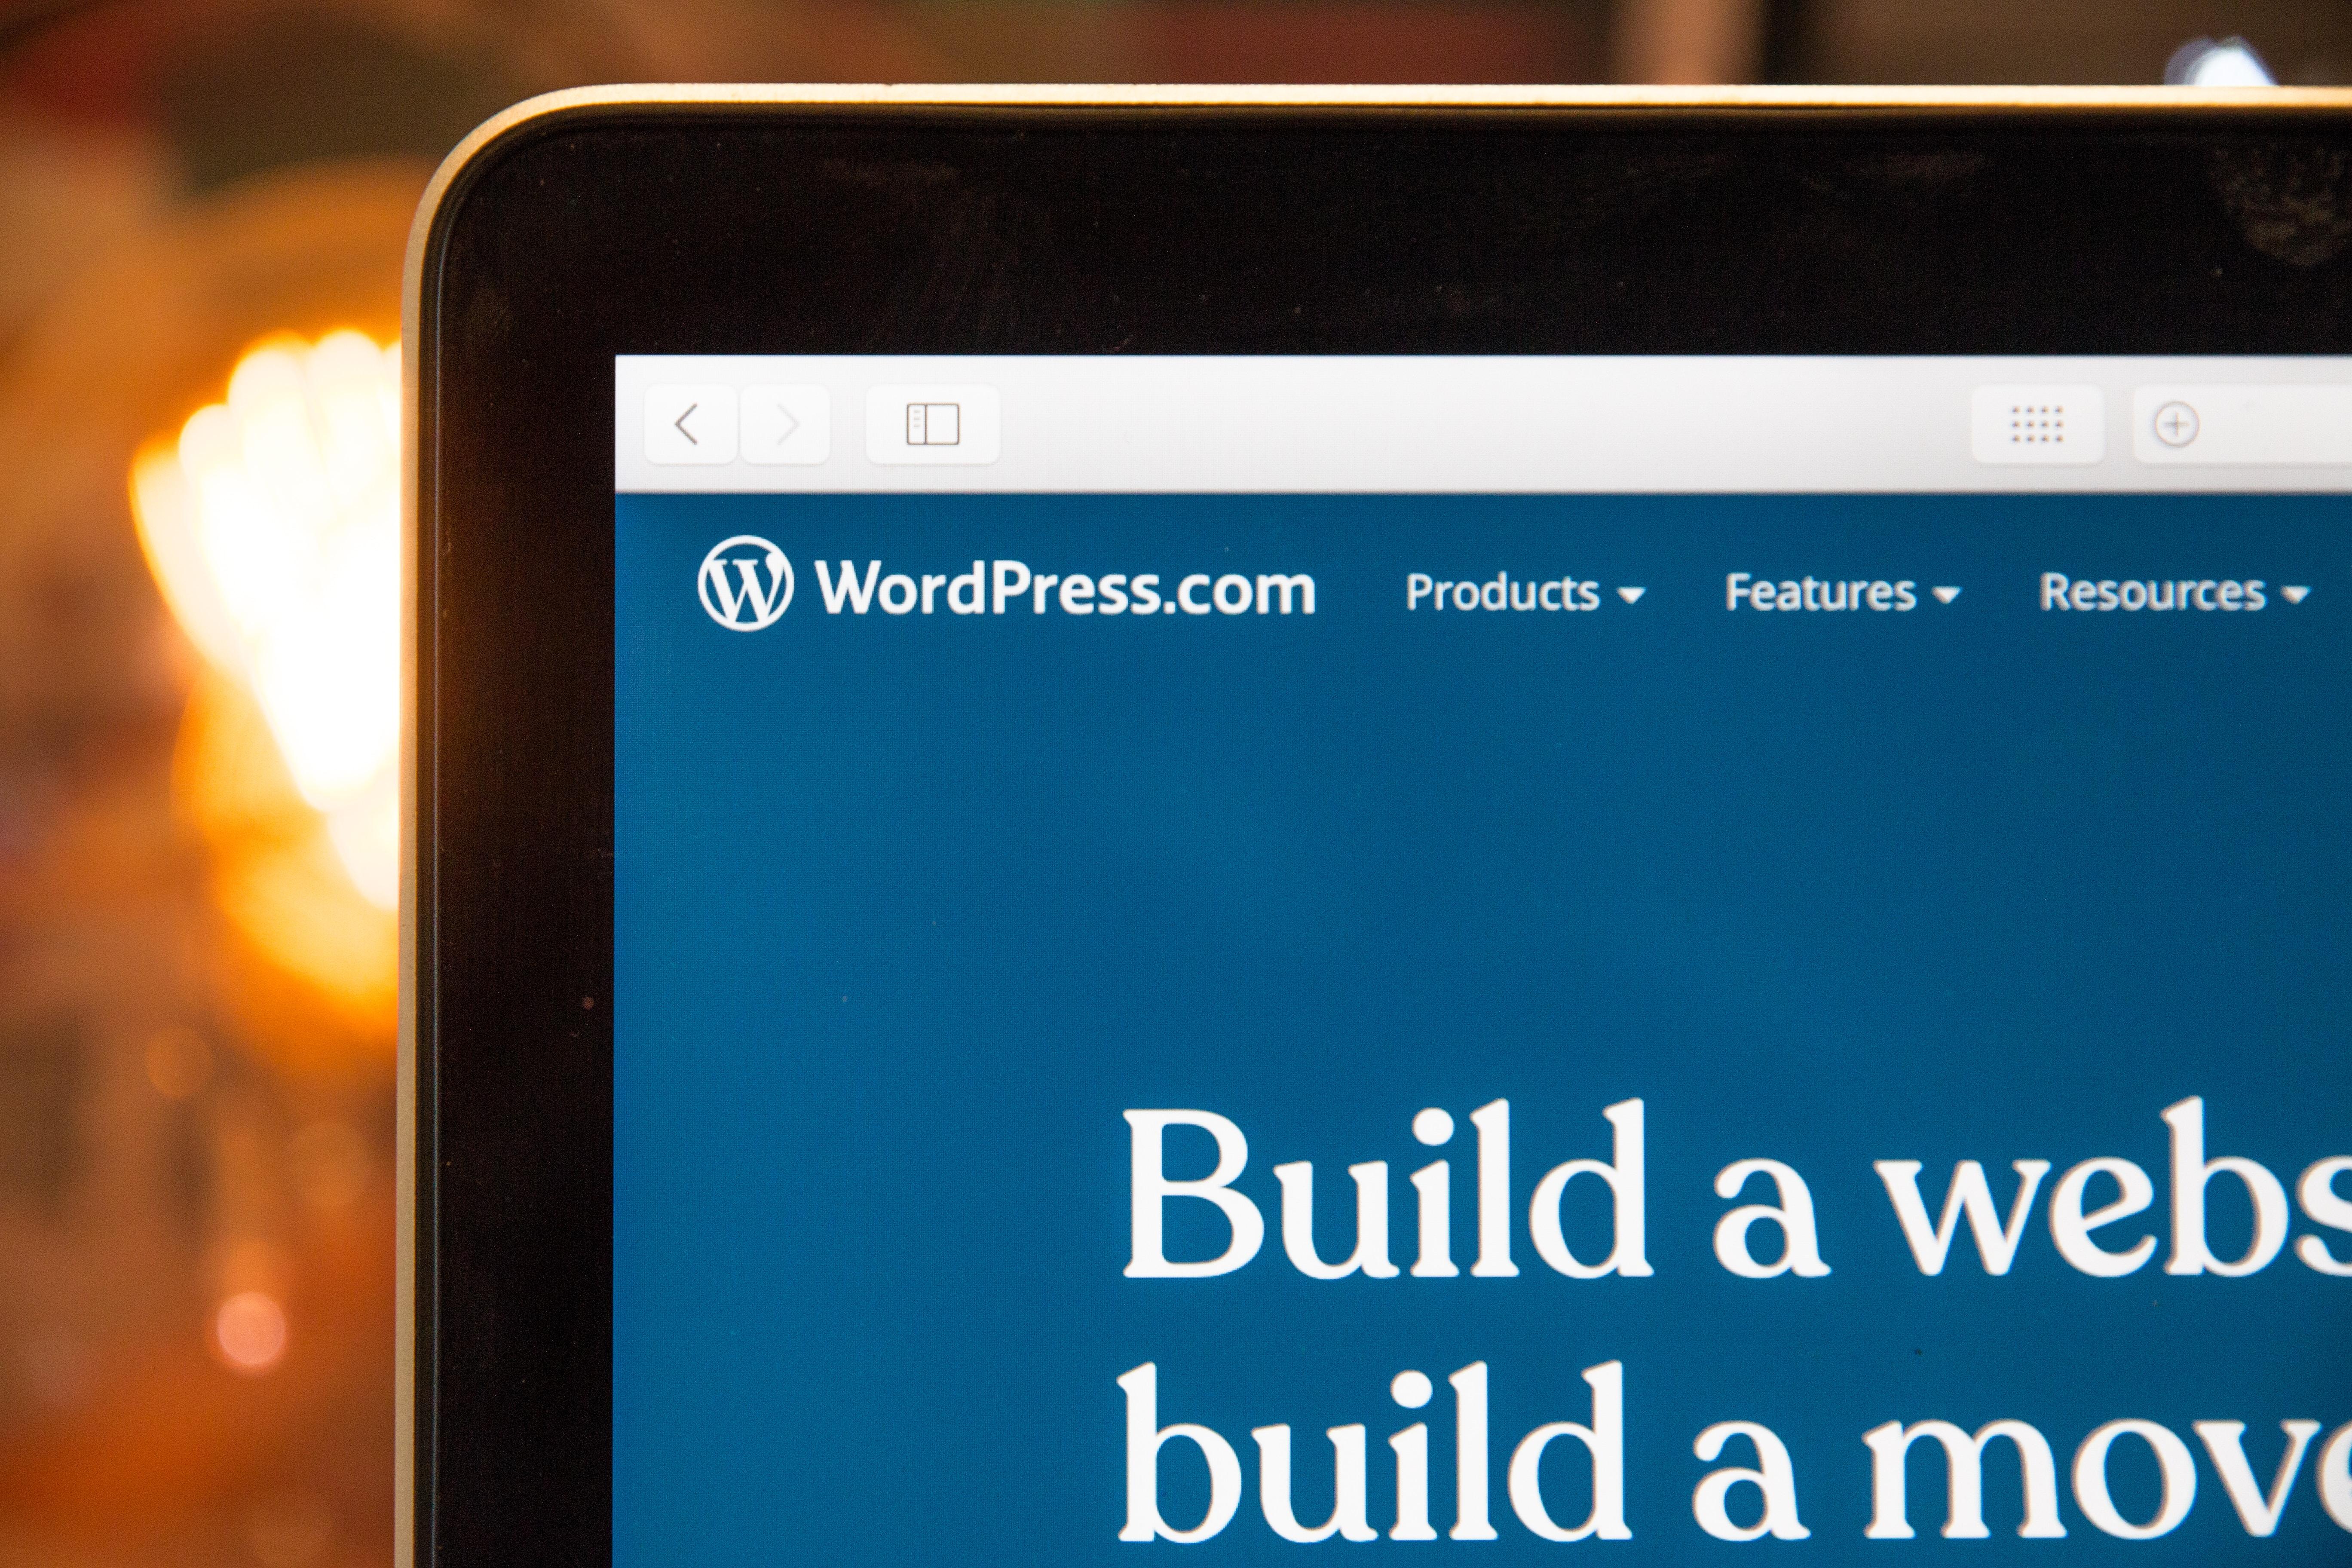 ブログ教師@ゾノが厳選するWordPressのおすすめテーマ3選